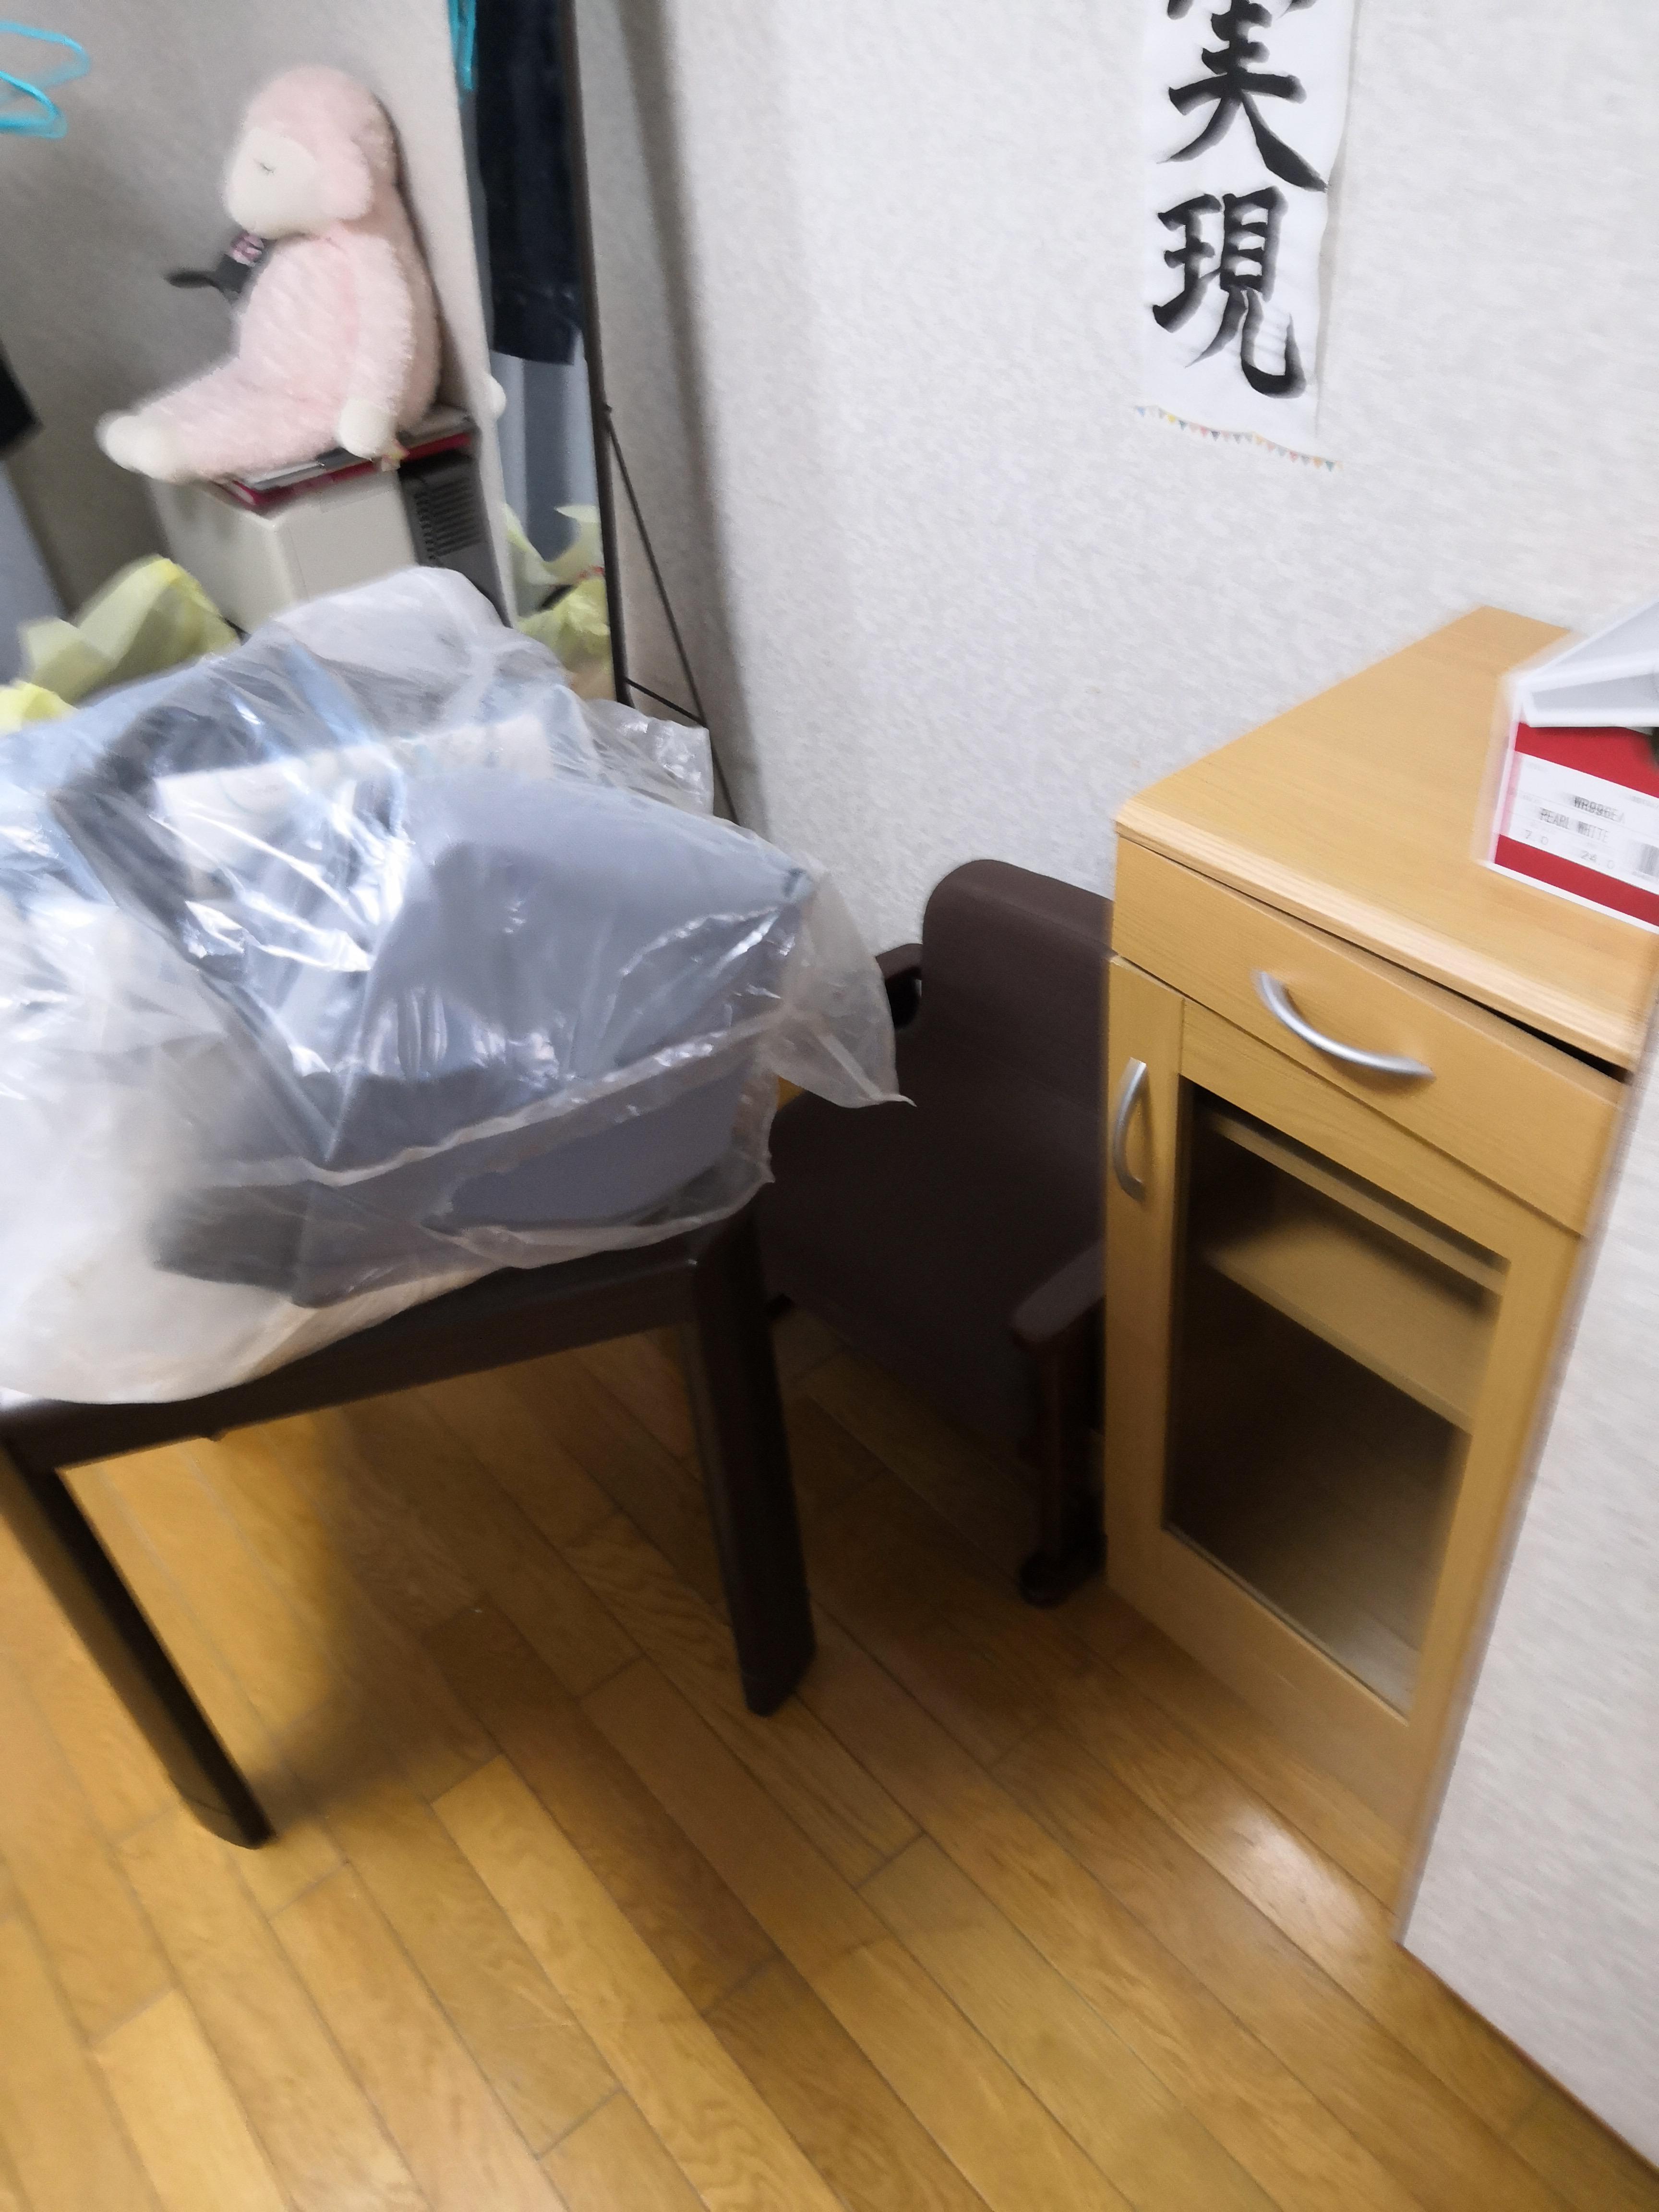 【小坂町】引越しでの不用品回収☆希望日時で大量の不用品を全て引き取りしてもらえたとお喜び頂けました。